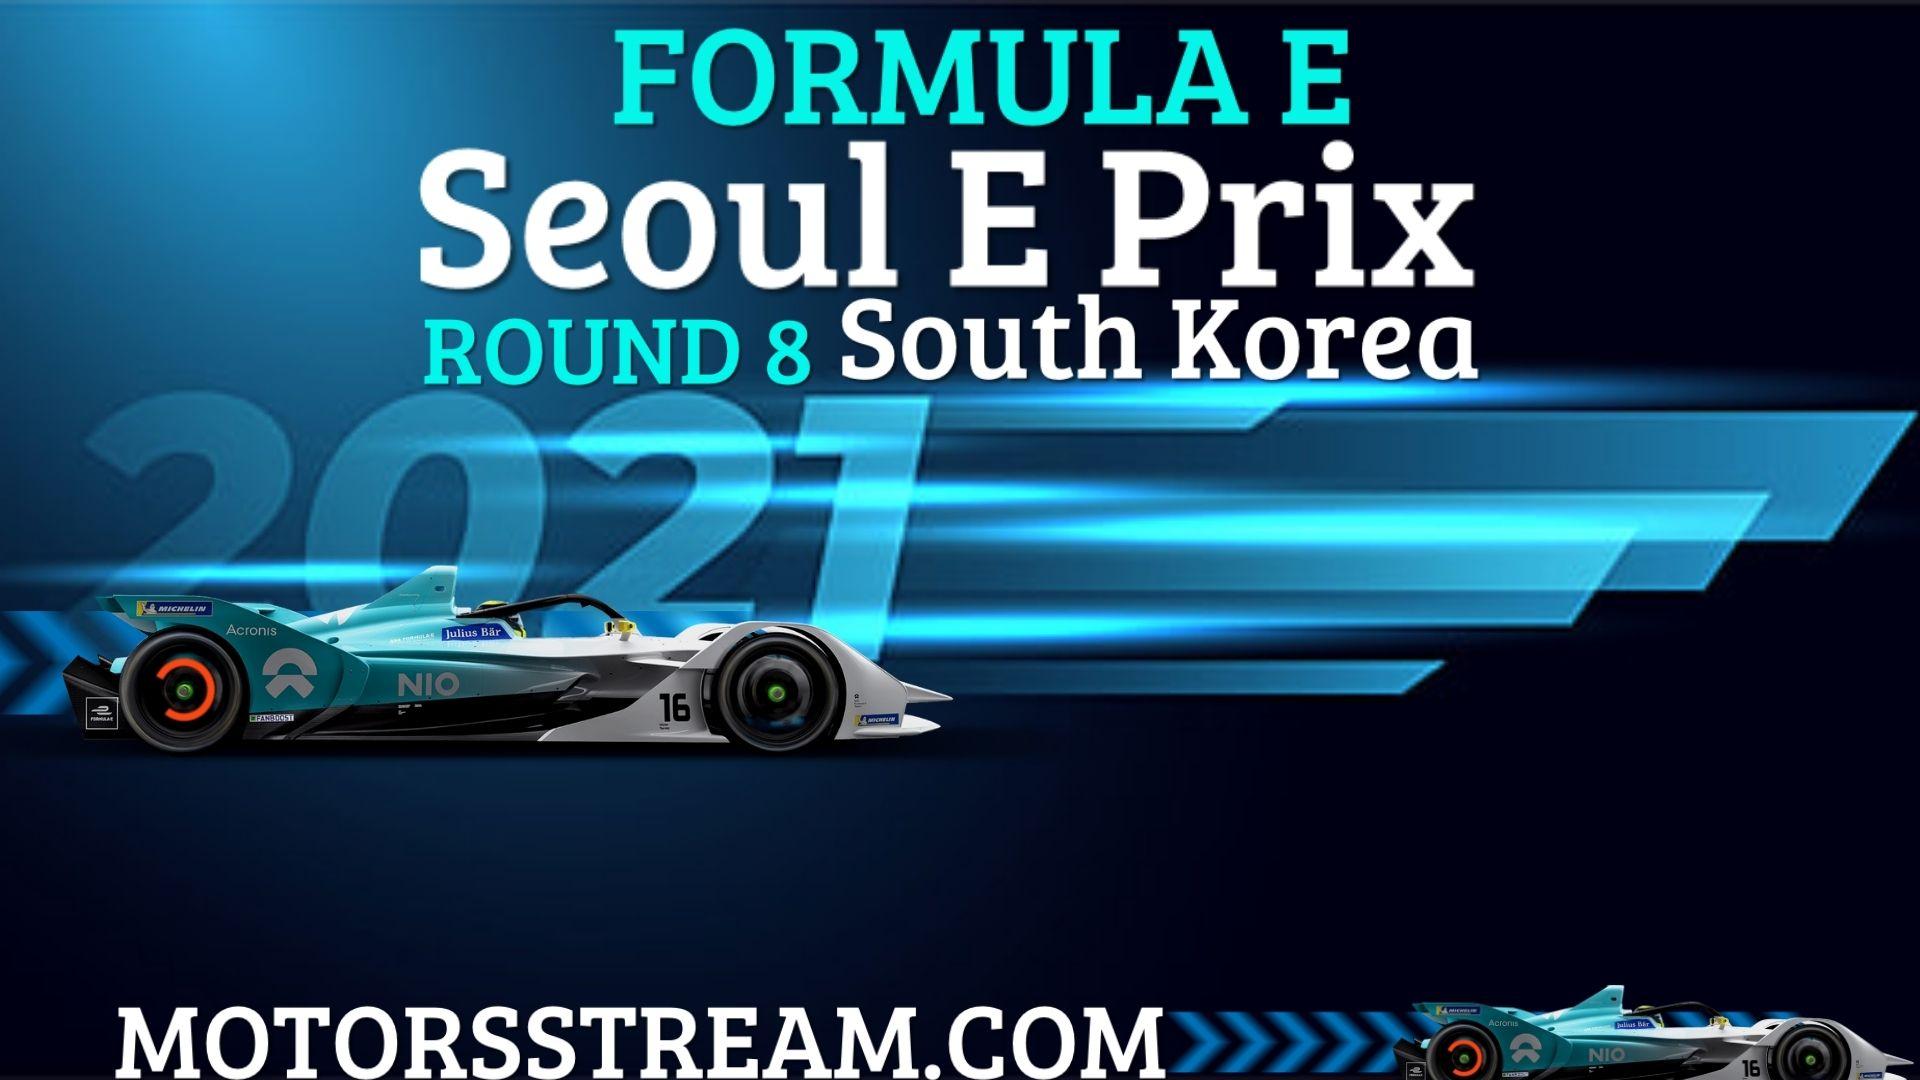 Seoul E Prix Round 8 Live Stream 2021 | Formula E